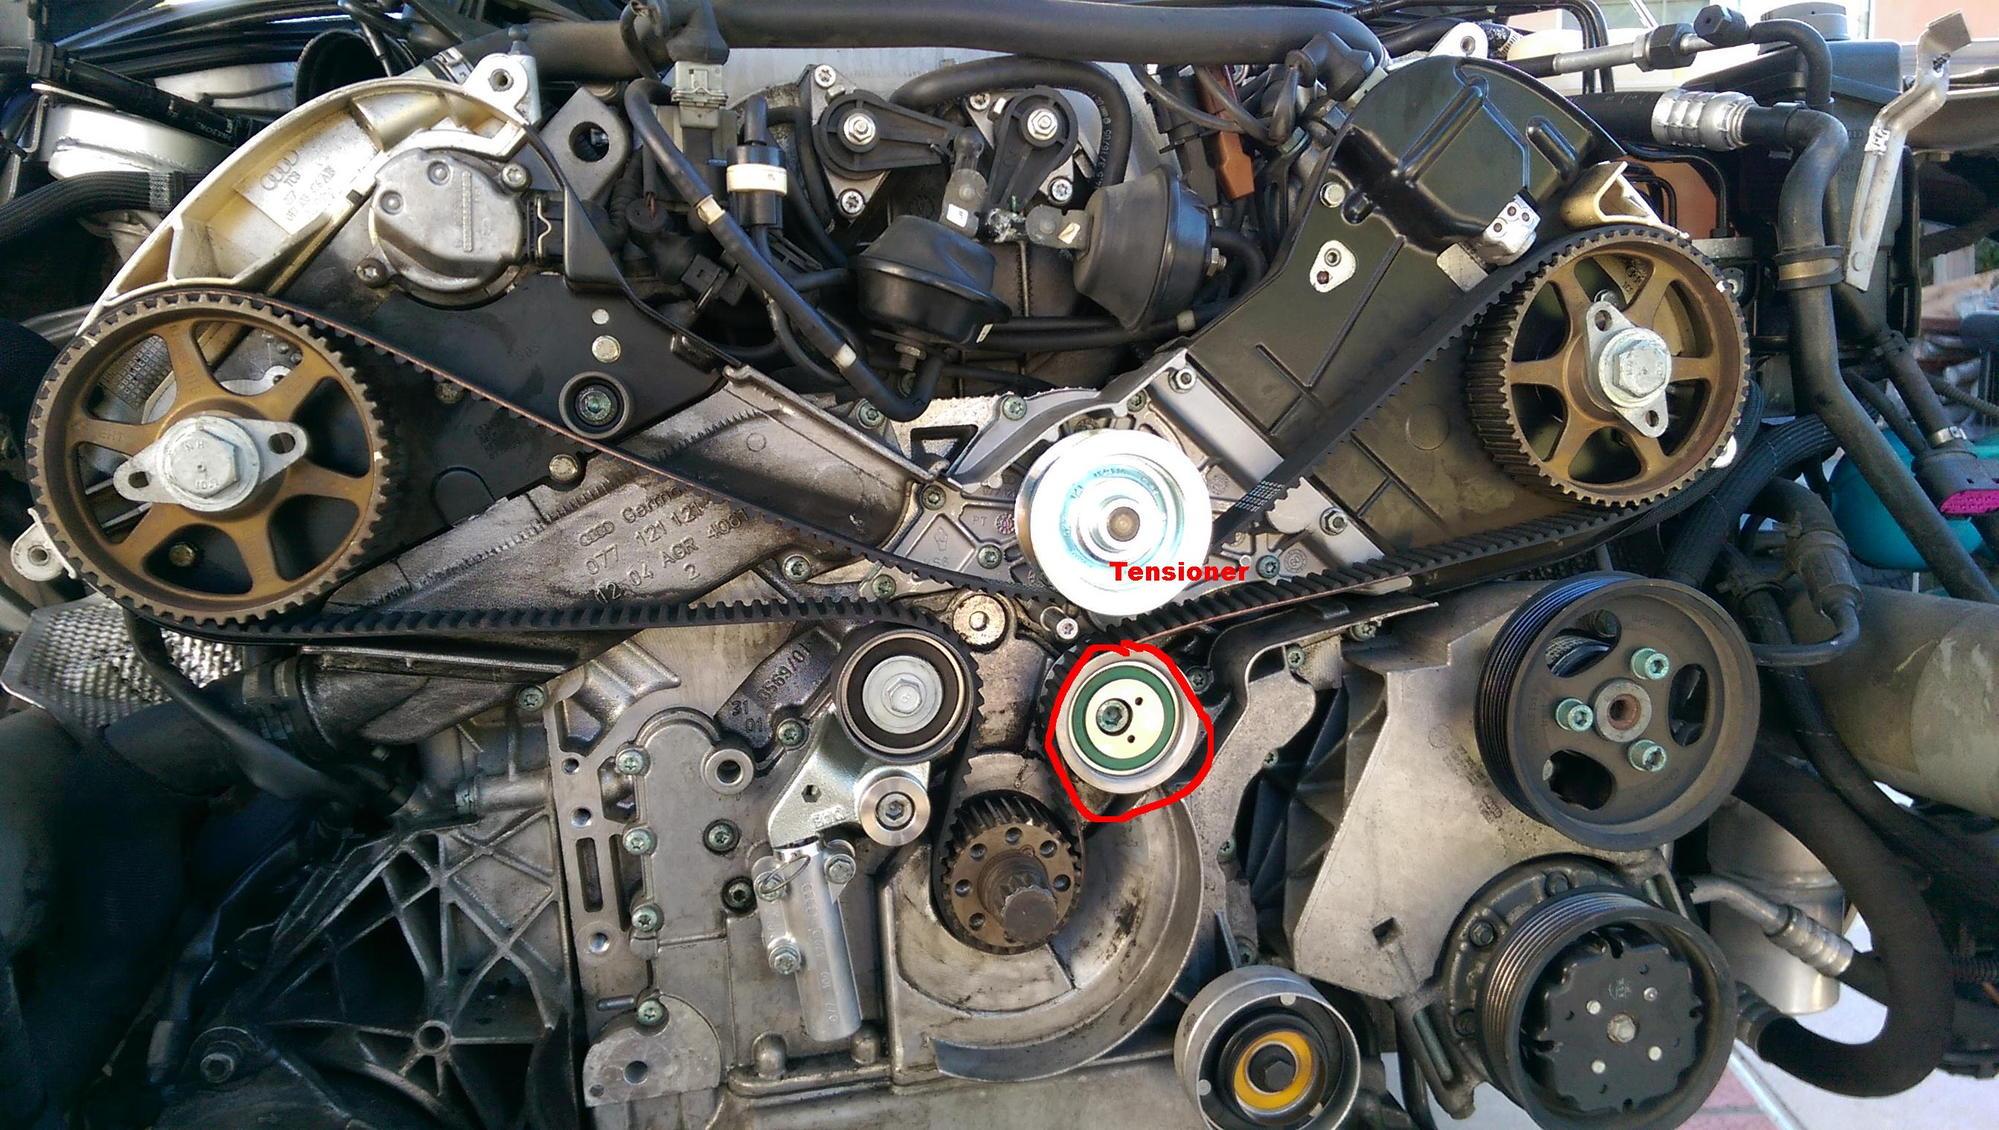 Enjoyable 04 Audi Timing Belt Tensioning Basic Electronics Wiring Diagram Wiring Digital Resources Skatpmognl